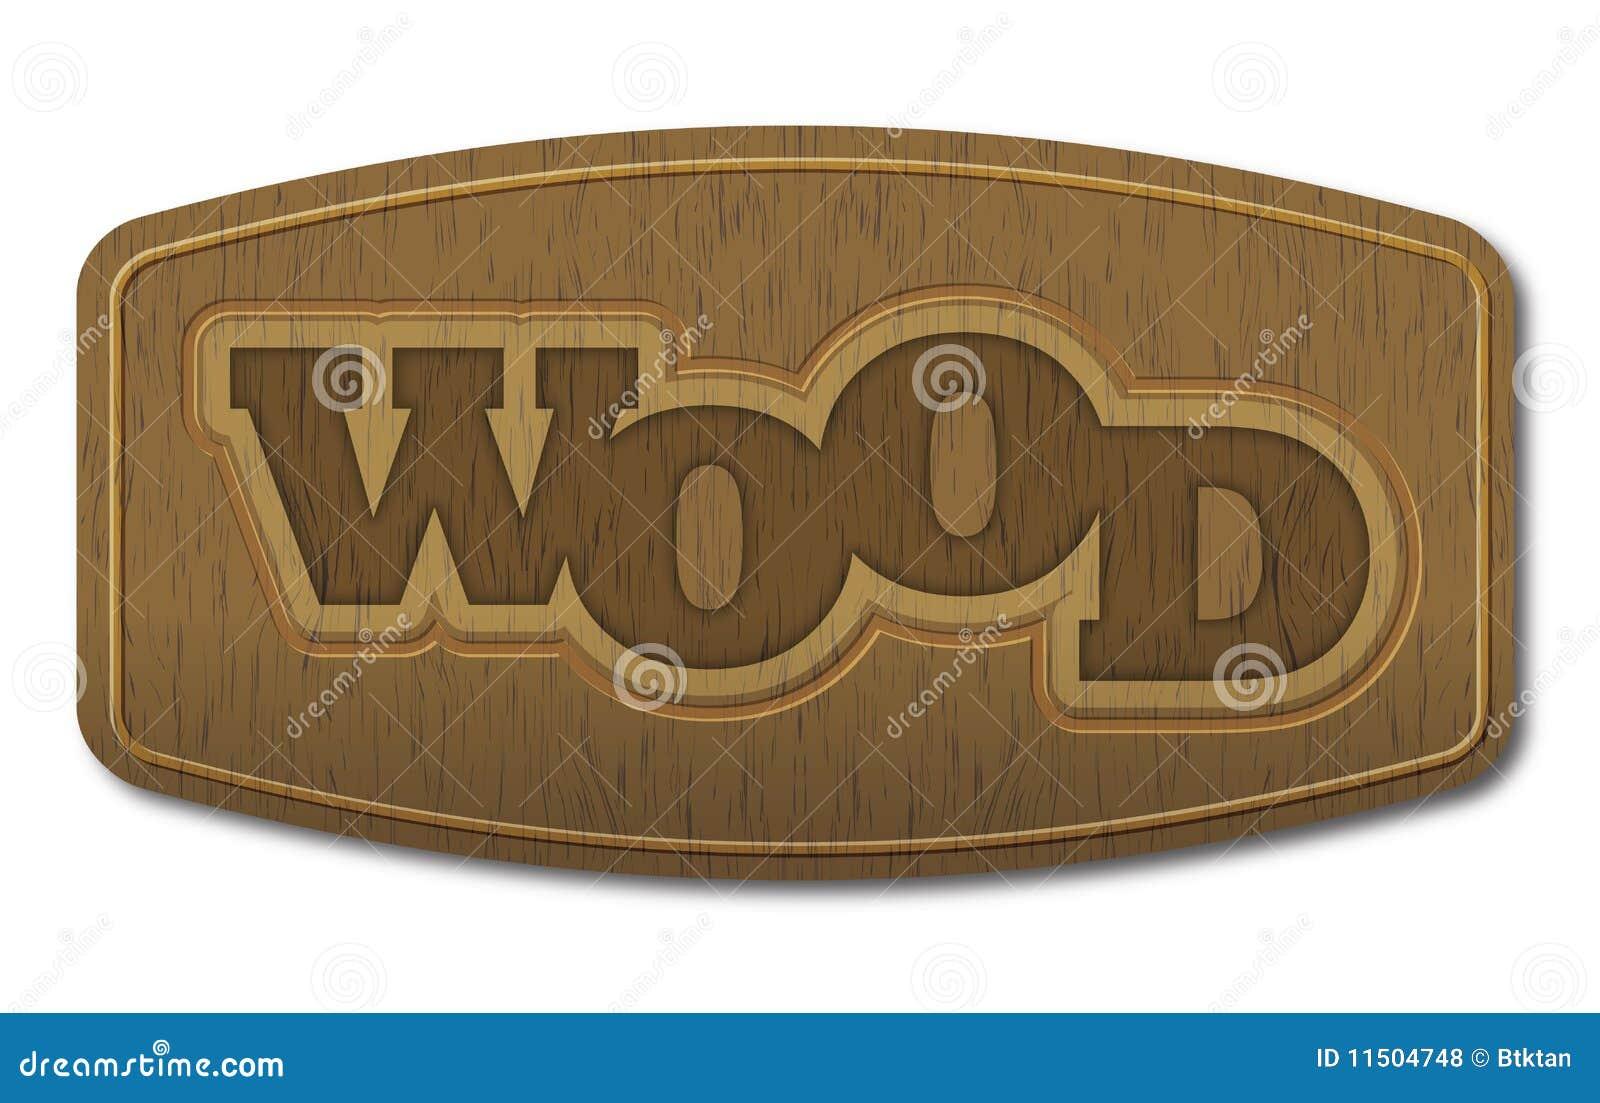 Wektorowy drewno